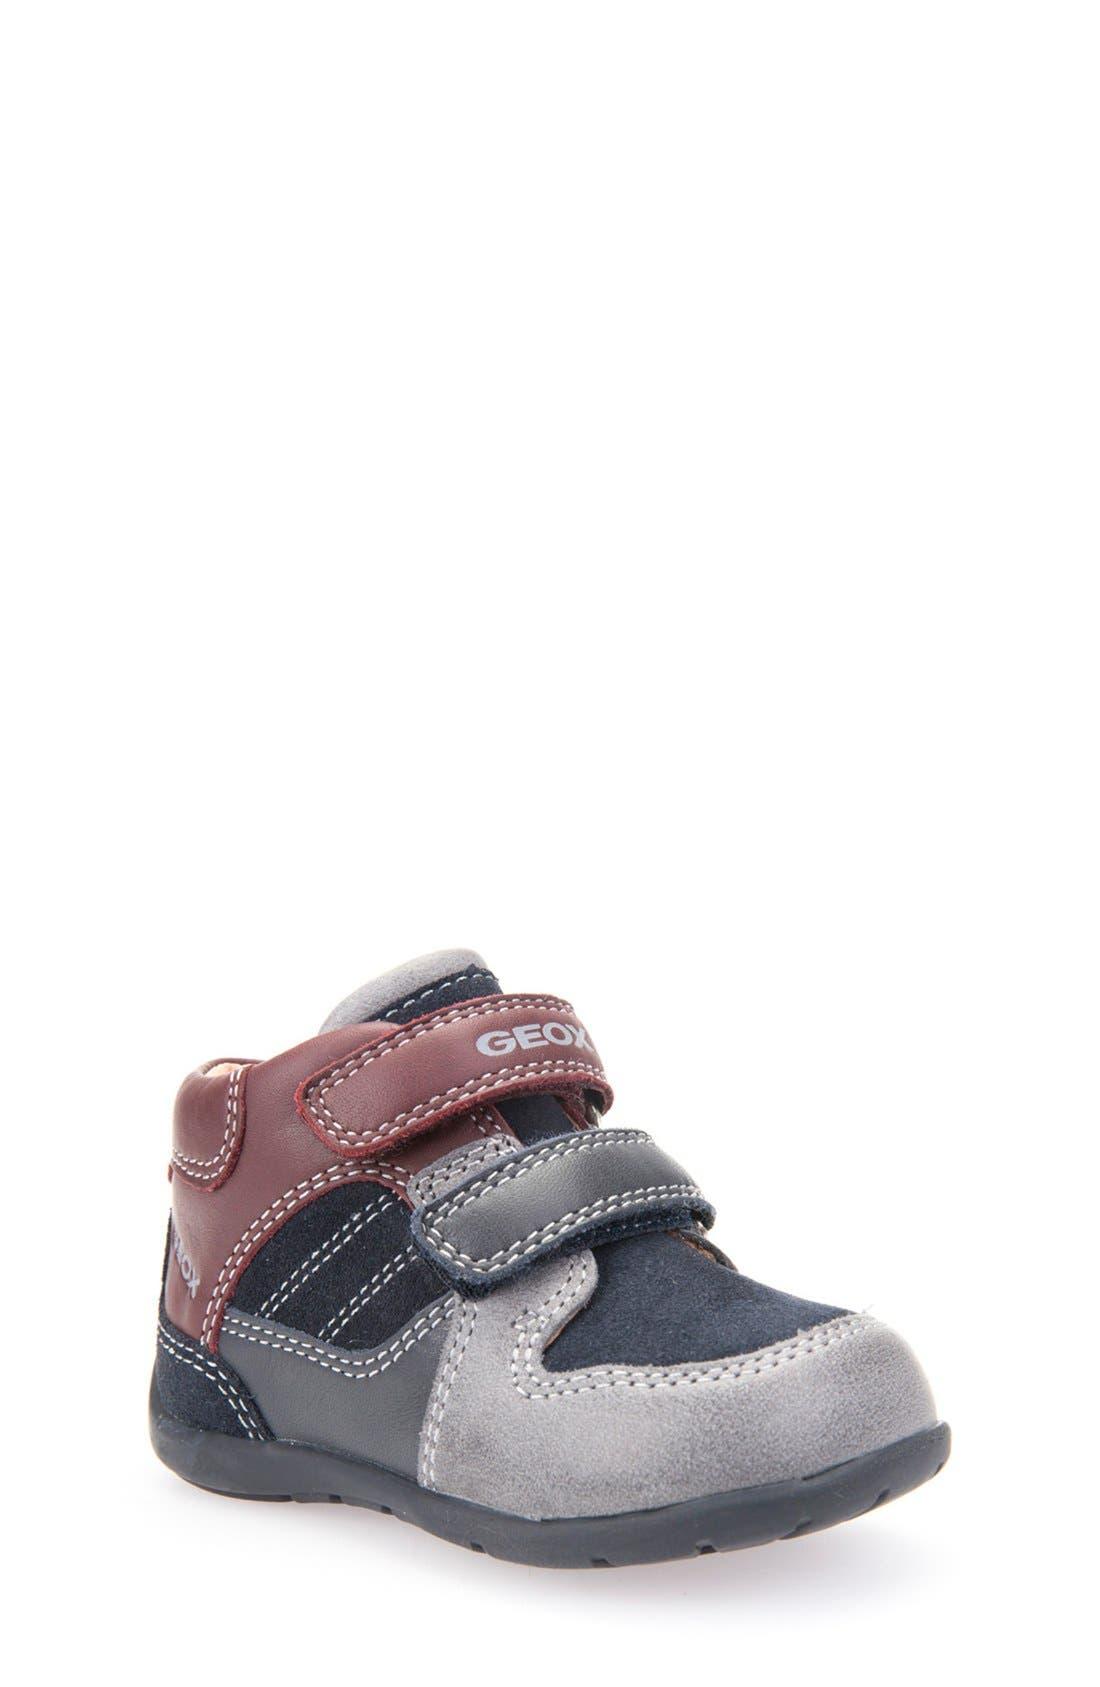 GEOX 'Kaytan' Sneaker